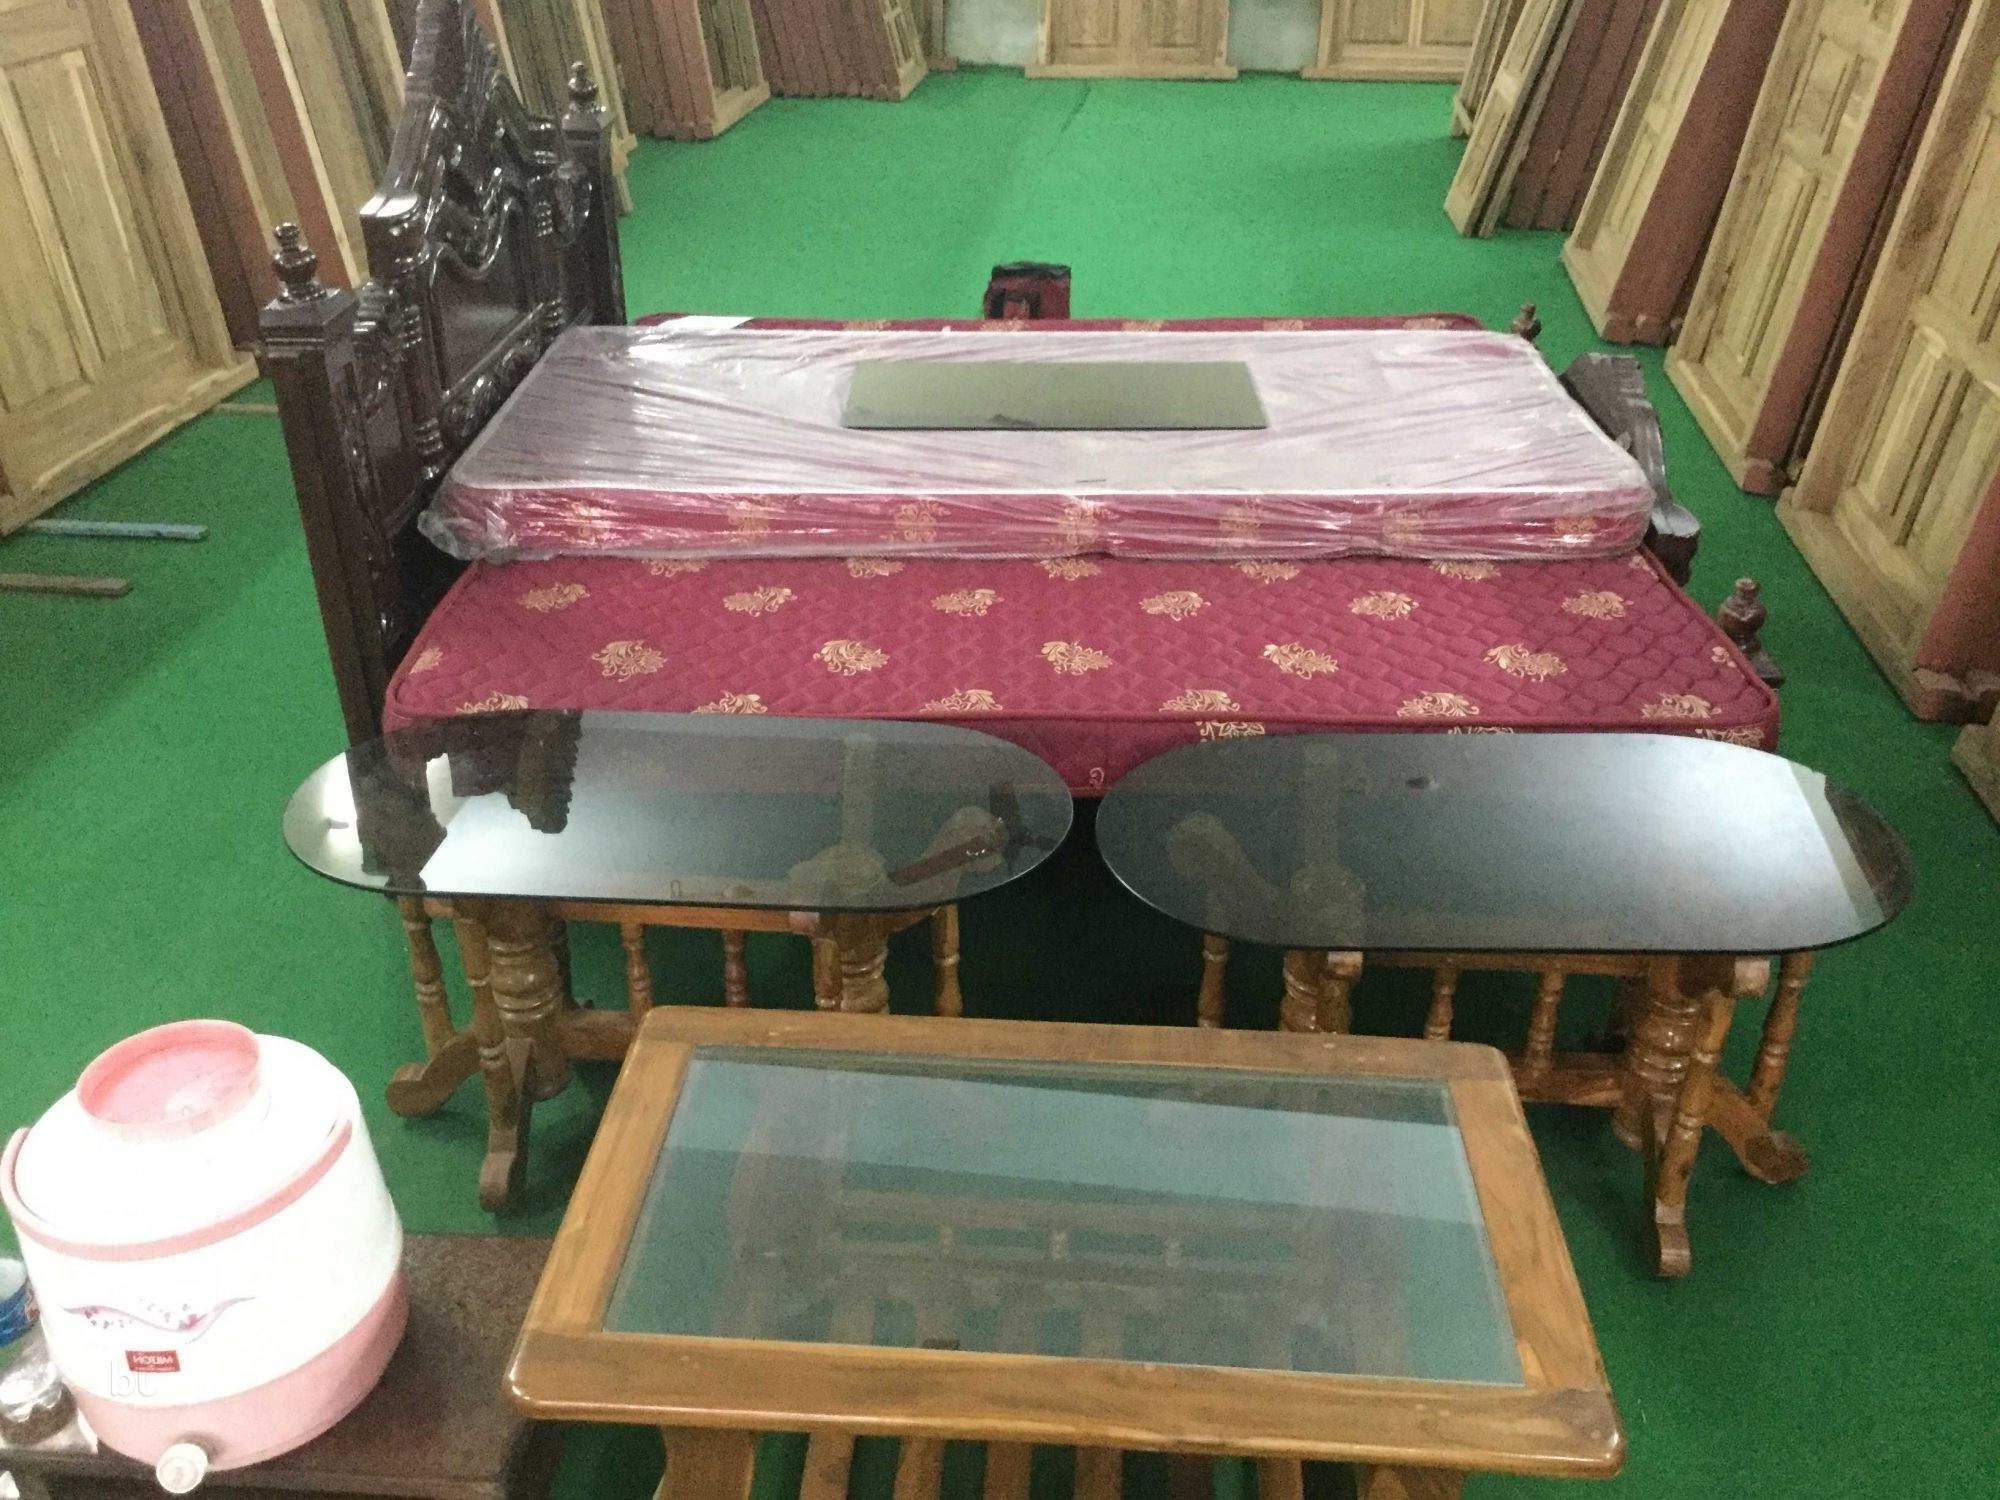 Naveen Doors Photos, Bahadurpura, Hyderabad Pictures & Images In Most Popular Naveen Coffee Tables (View 19 of 20)